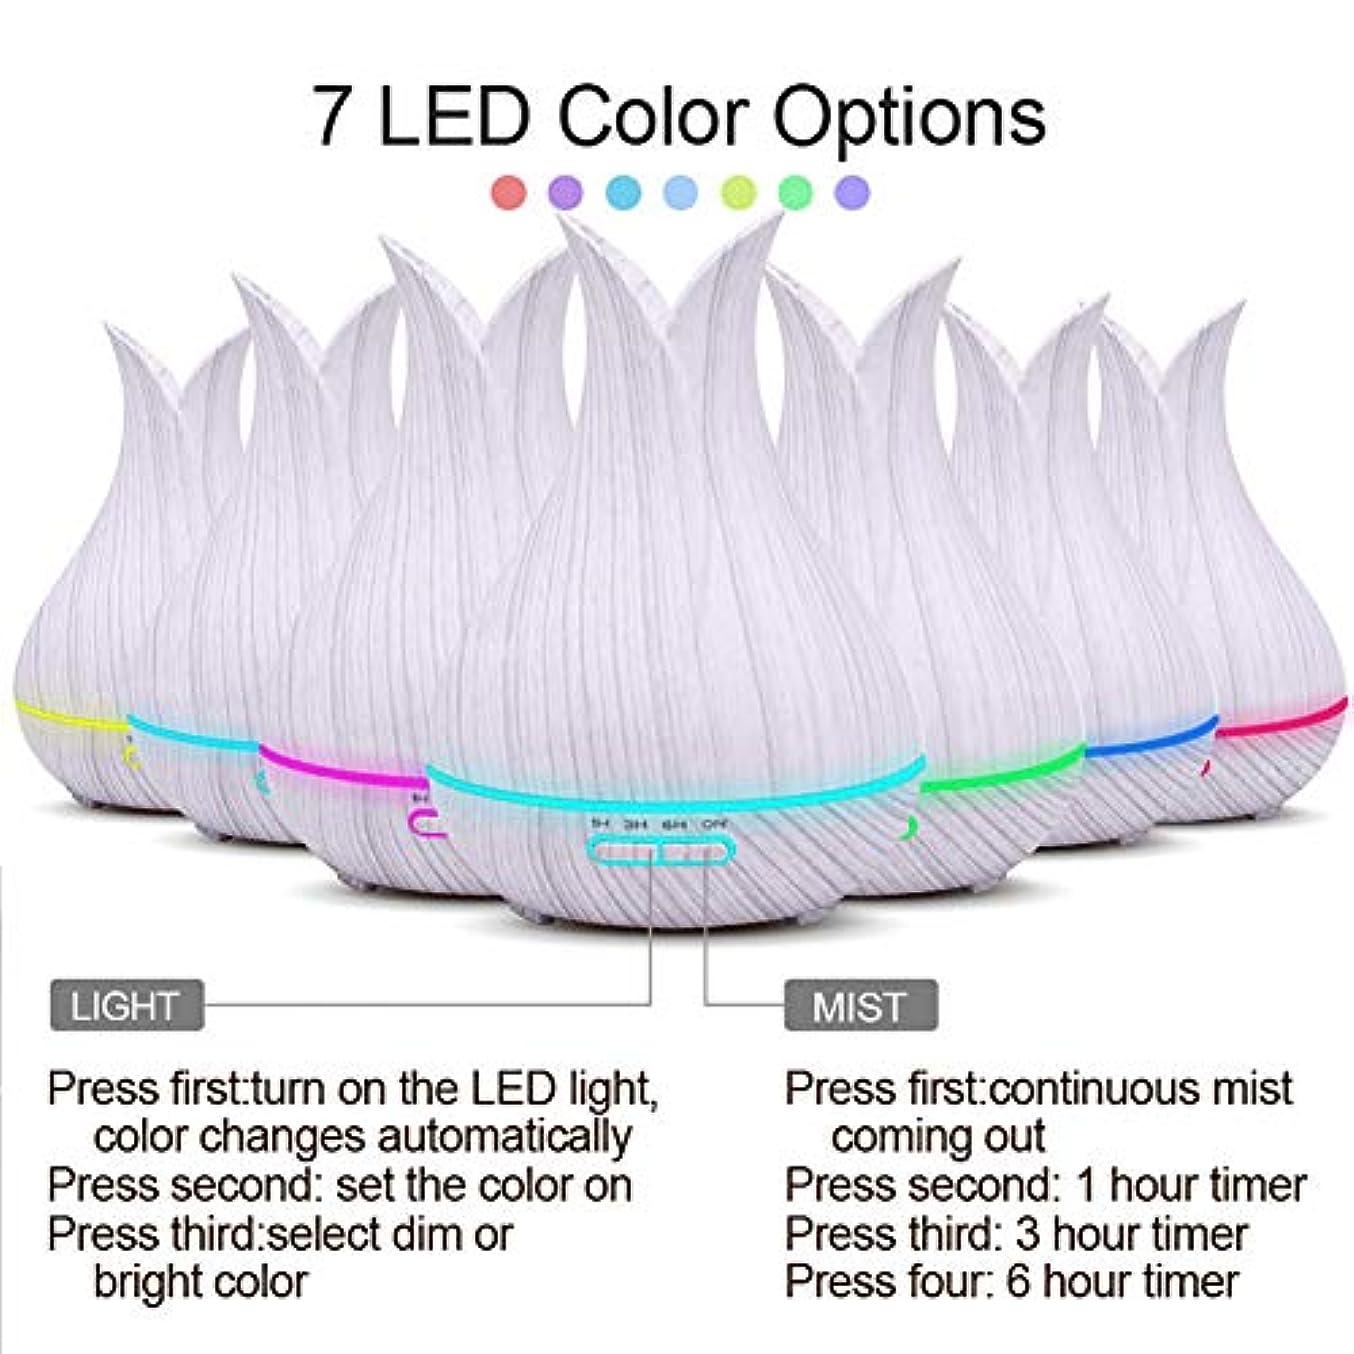 レンダー超えるアデレードエッセンシャルオイルディフューザーと加湿器、ミストエッセンシャルオイルアロマ加湿器のための超音波アロマセラピーディフューザー、400ミリリットル水タンク7色LEDライト,White